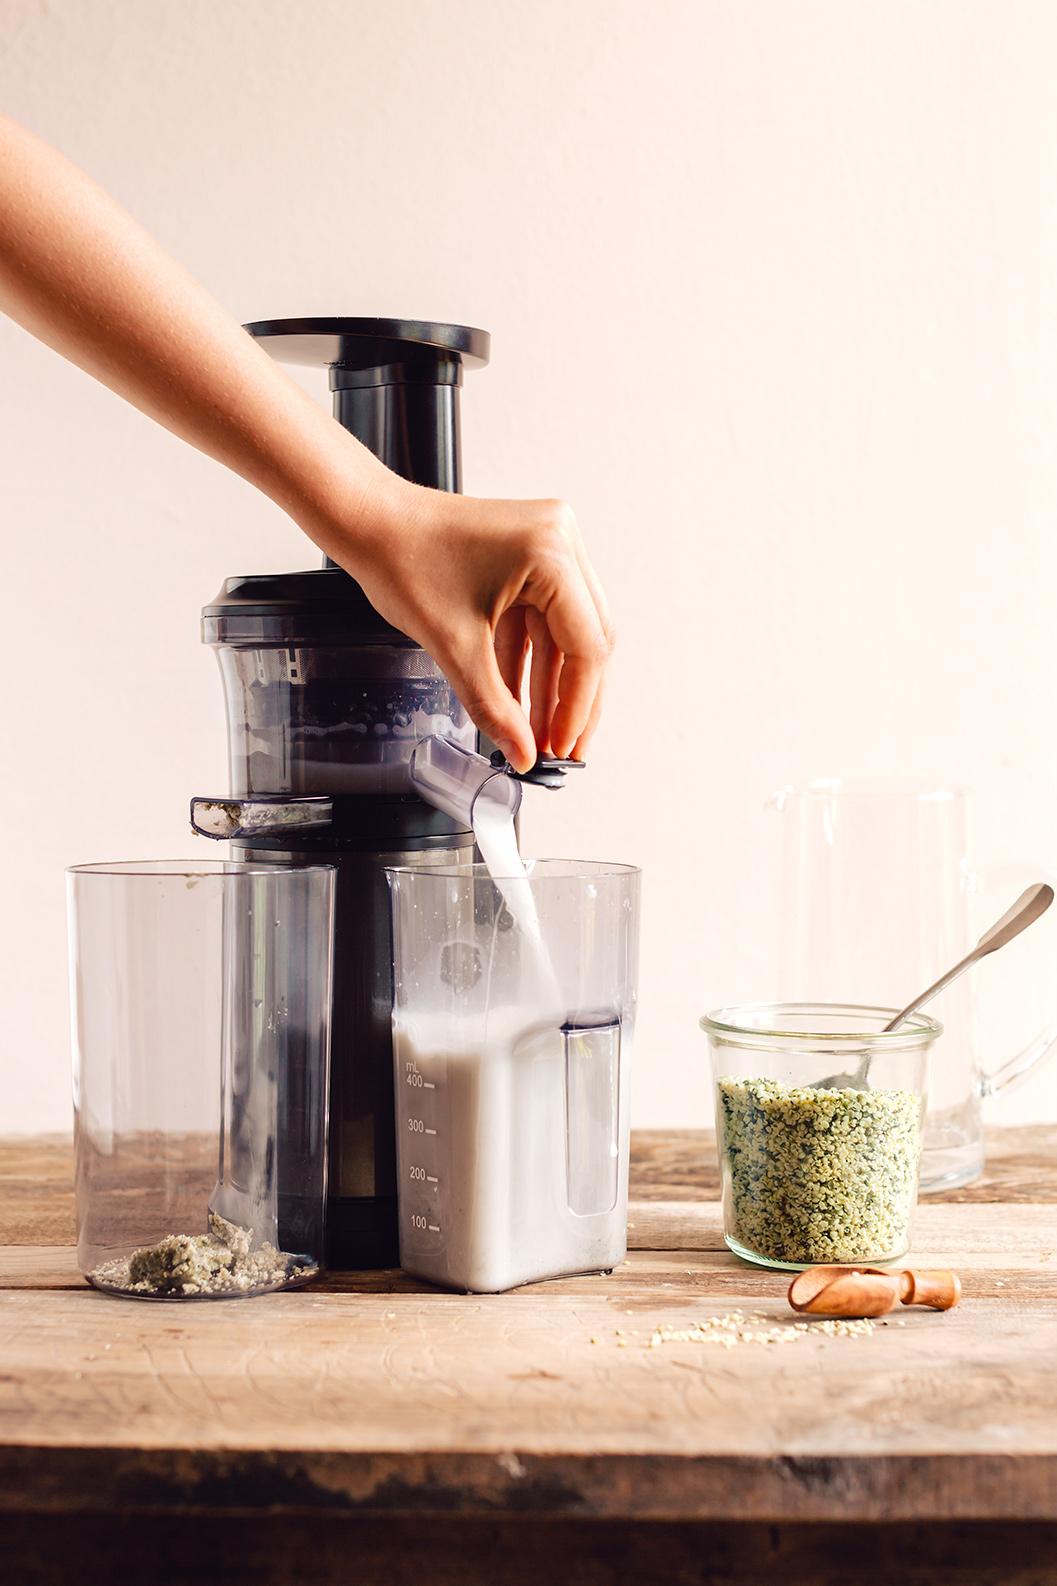 how to make vegan glutenfree HEMP MILK recipe dairyfree come fare il LATTE DI CANAPA fatto in casa ricetta facile veloce 2 ingredienti ricco di proteine senza glutine senza lattosio